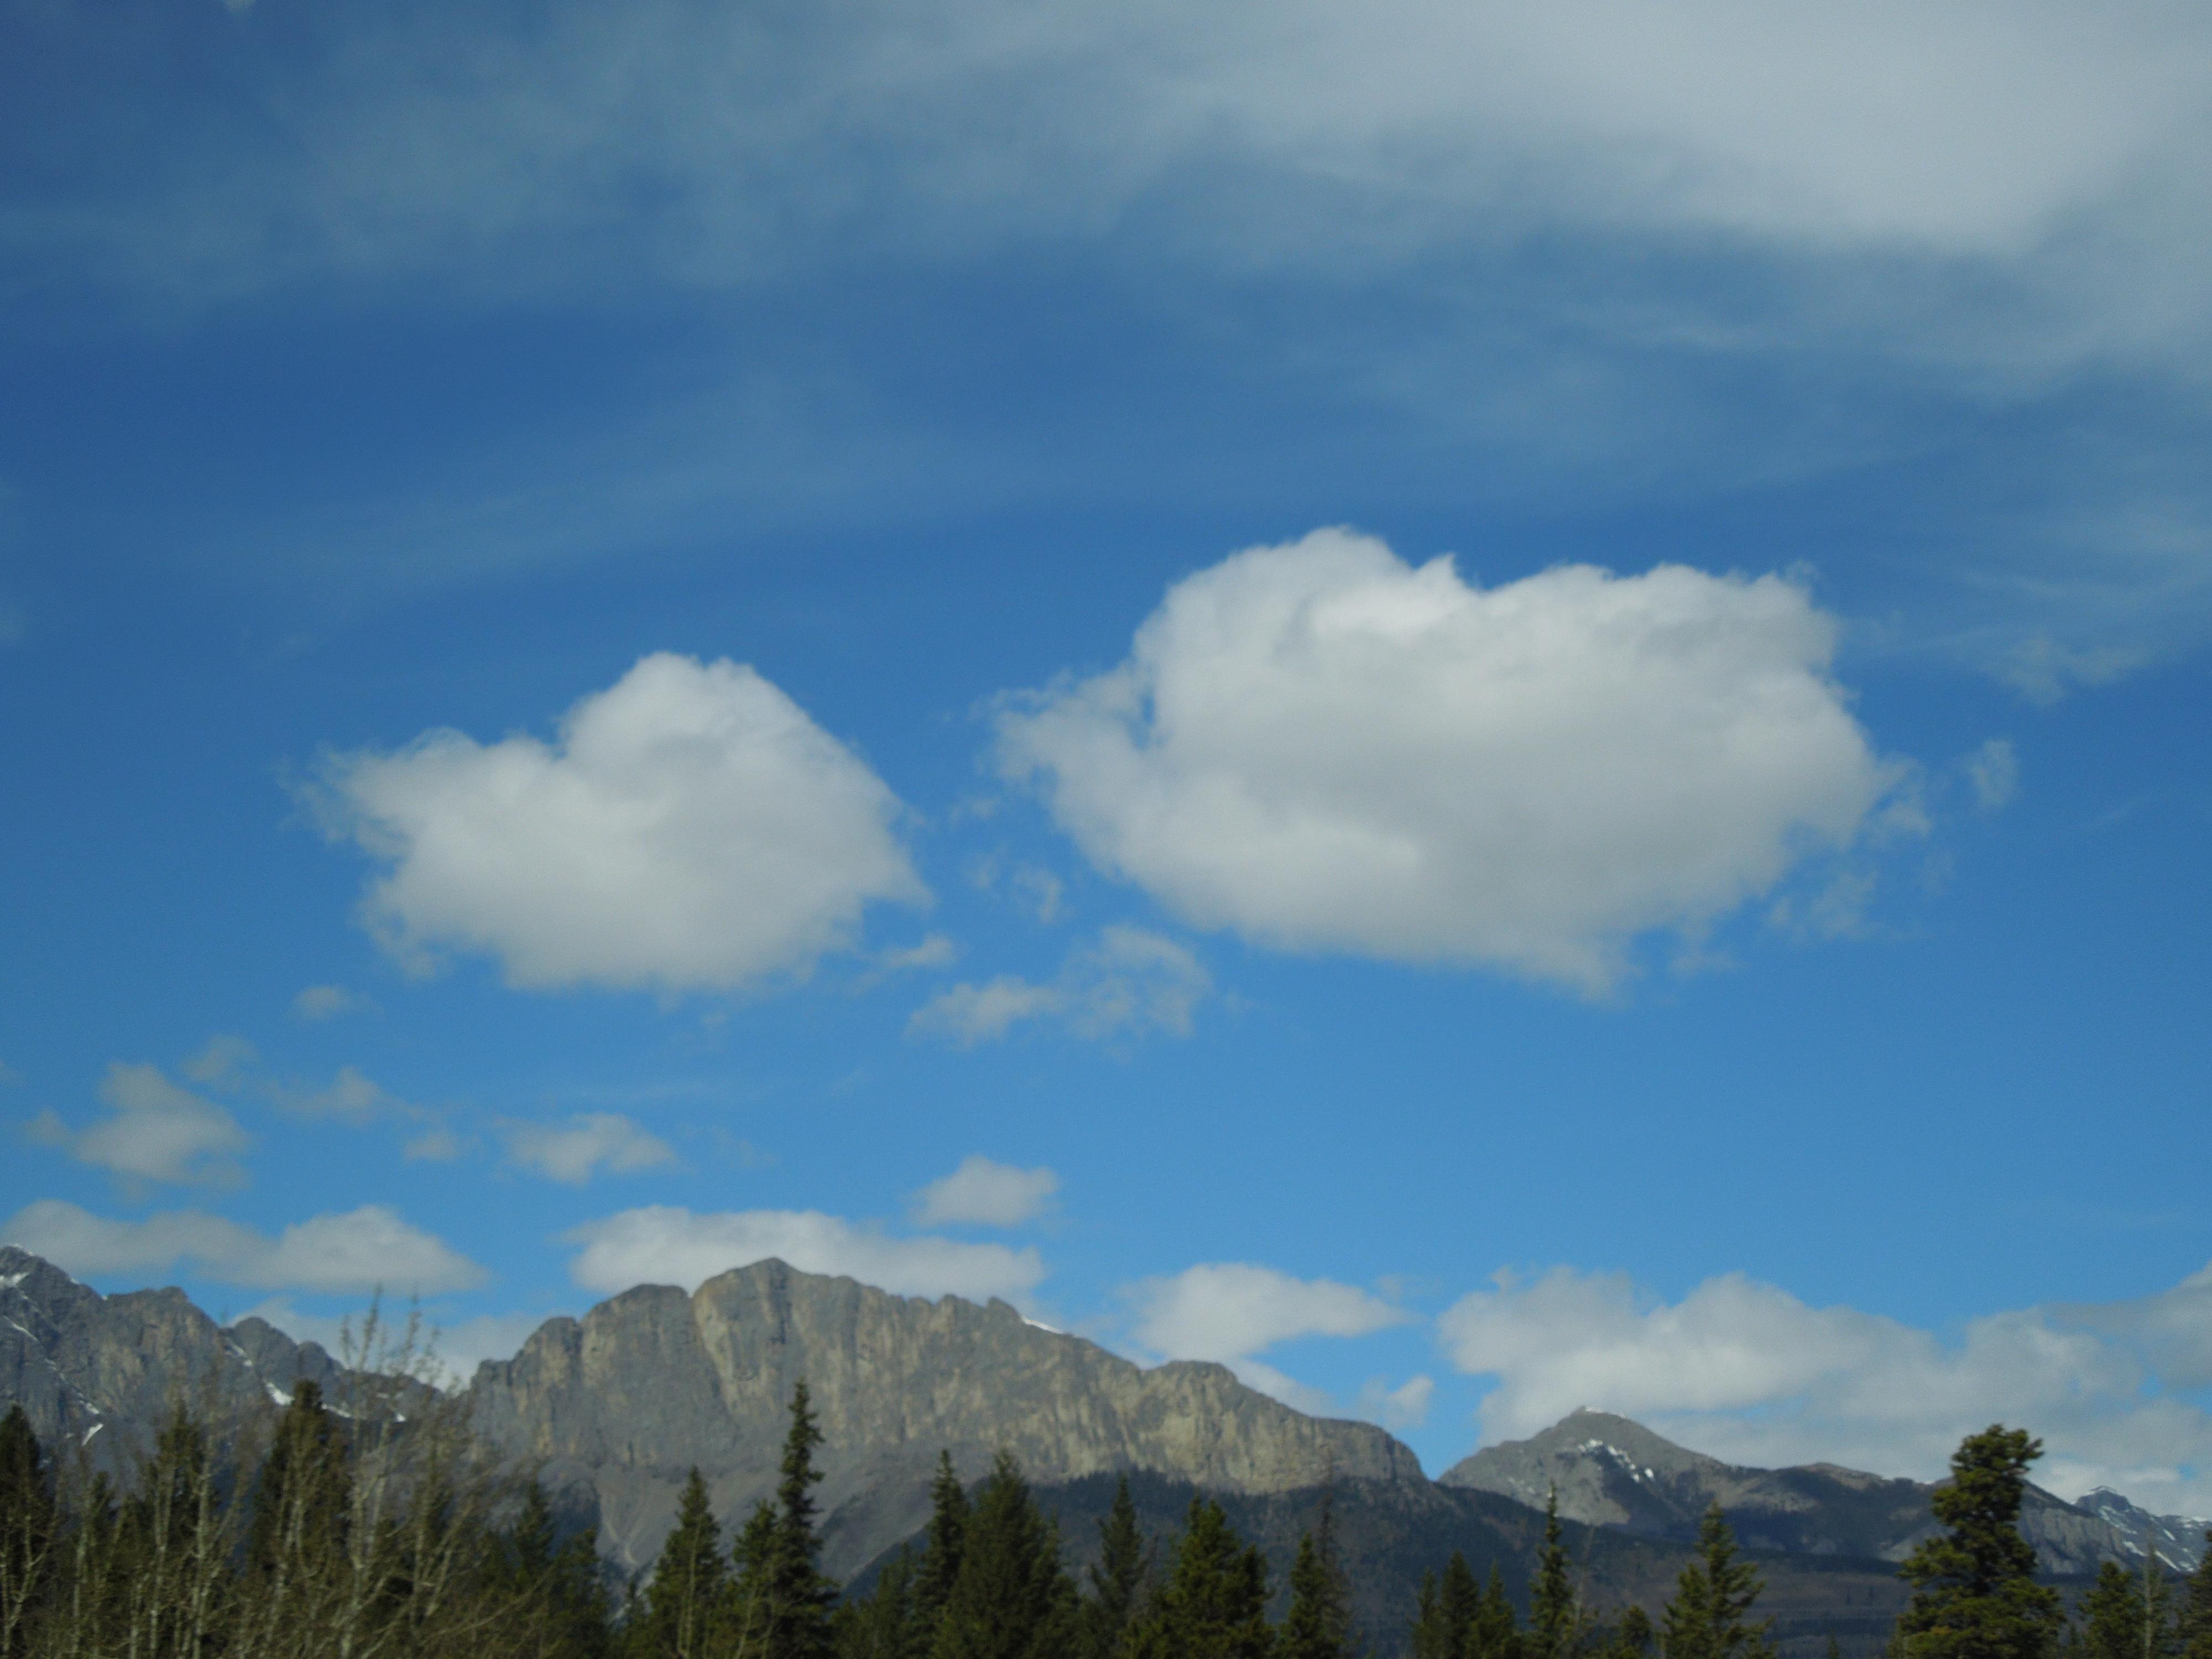 Dscn Banff Weather In April